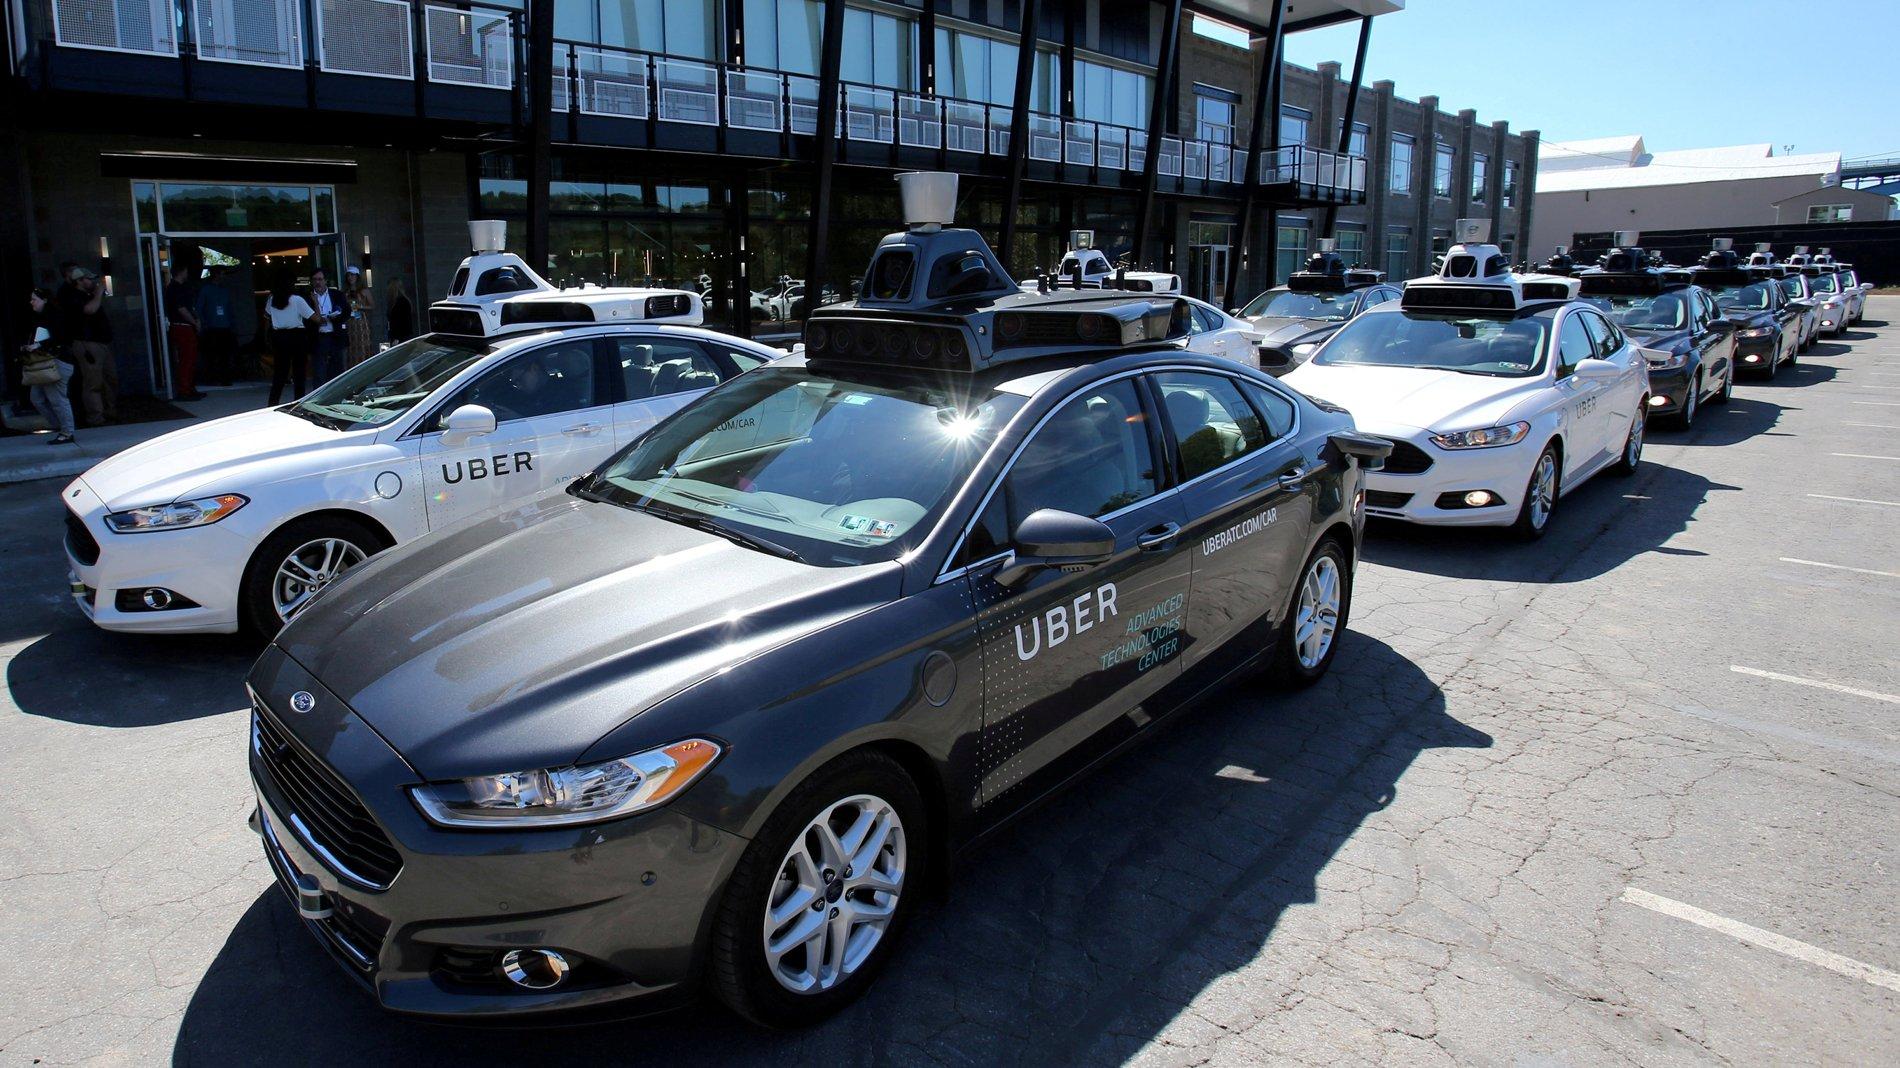 Uber perdió 2.936 millones de dólares durante el primer trimestre del año, un 190% más, pero irradia optimismo